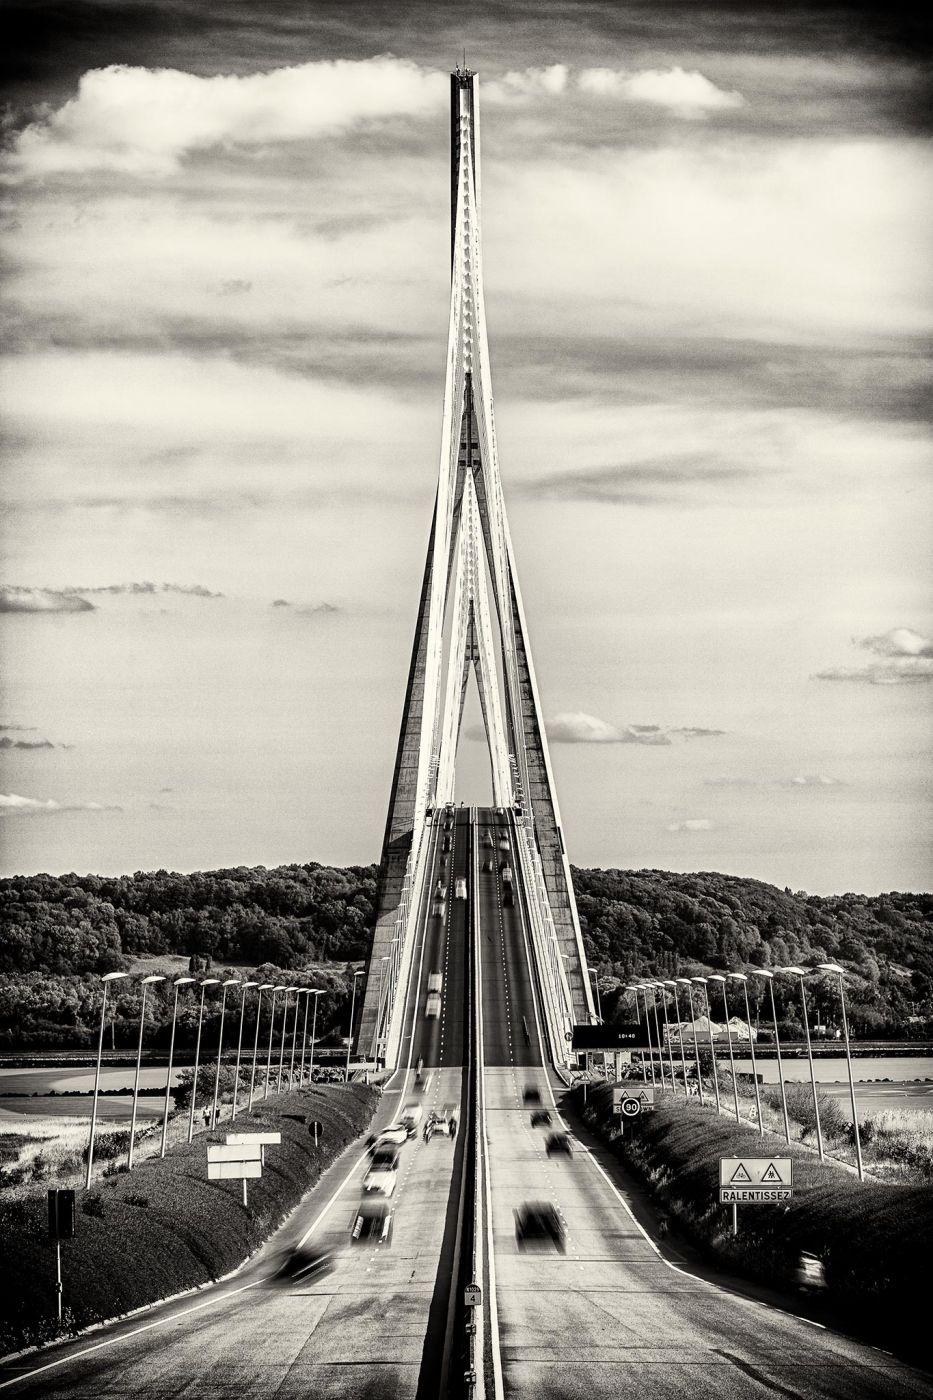 Pont de Normandy, France